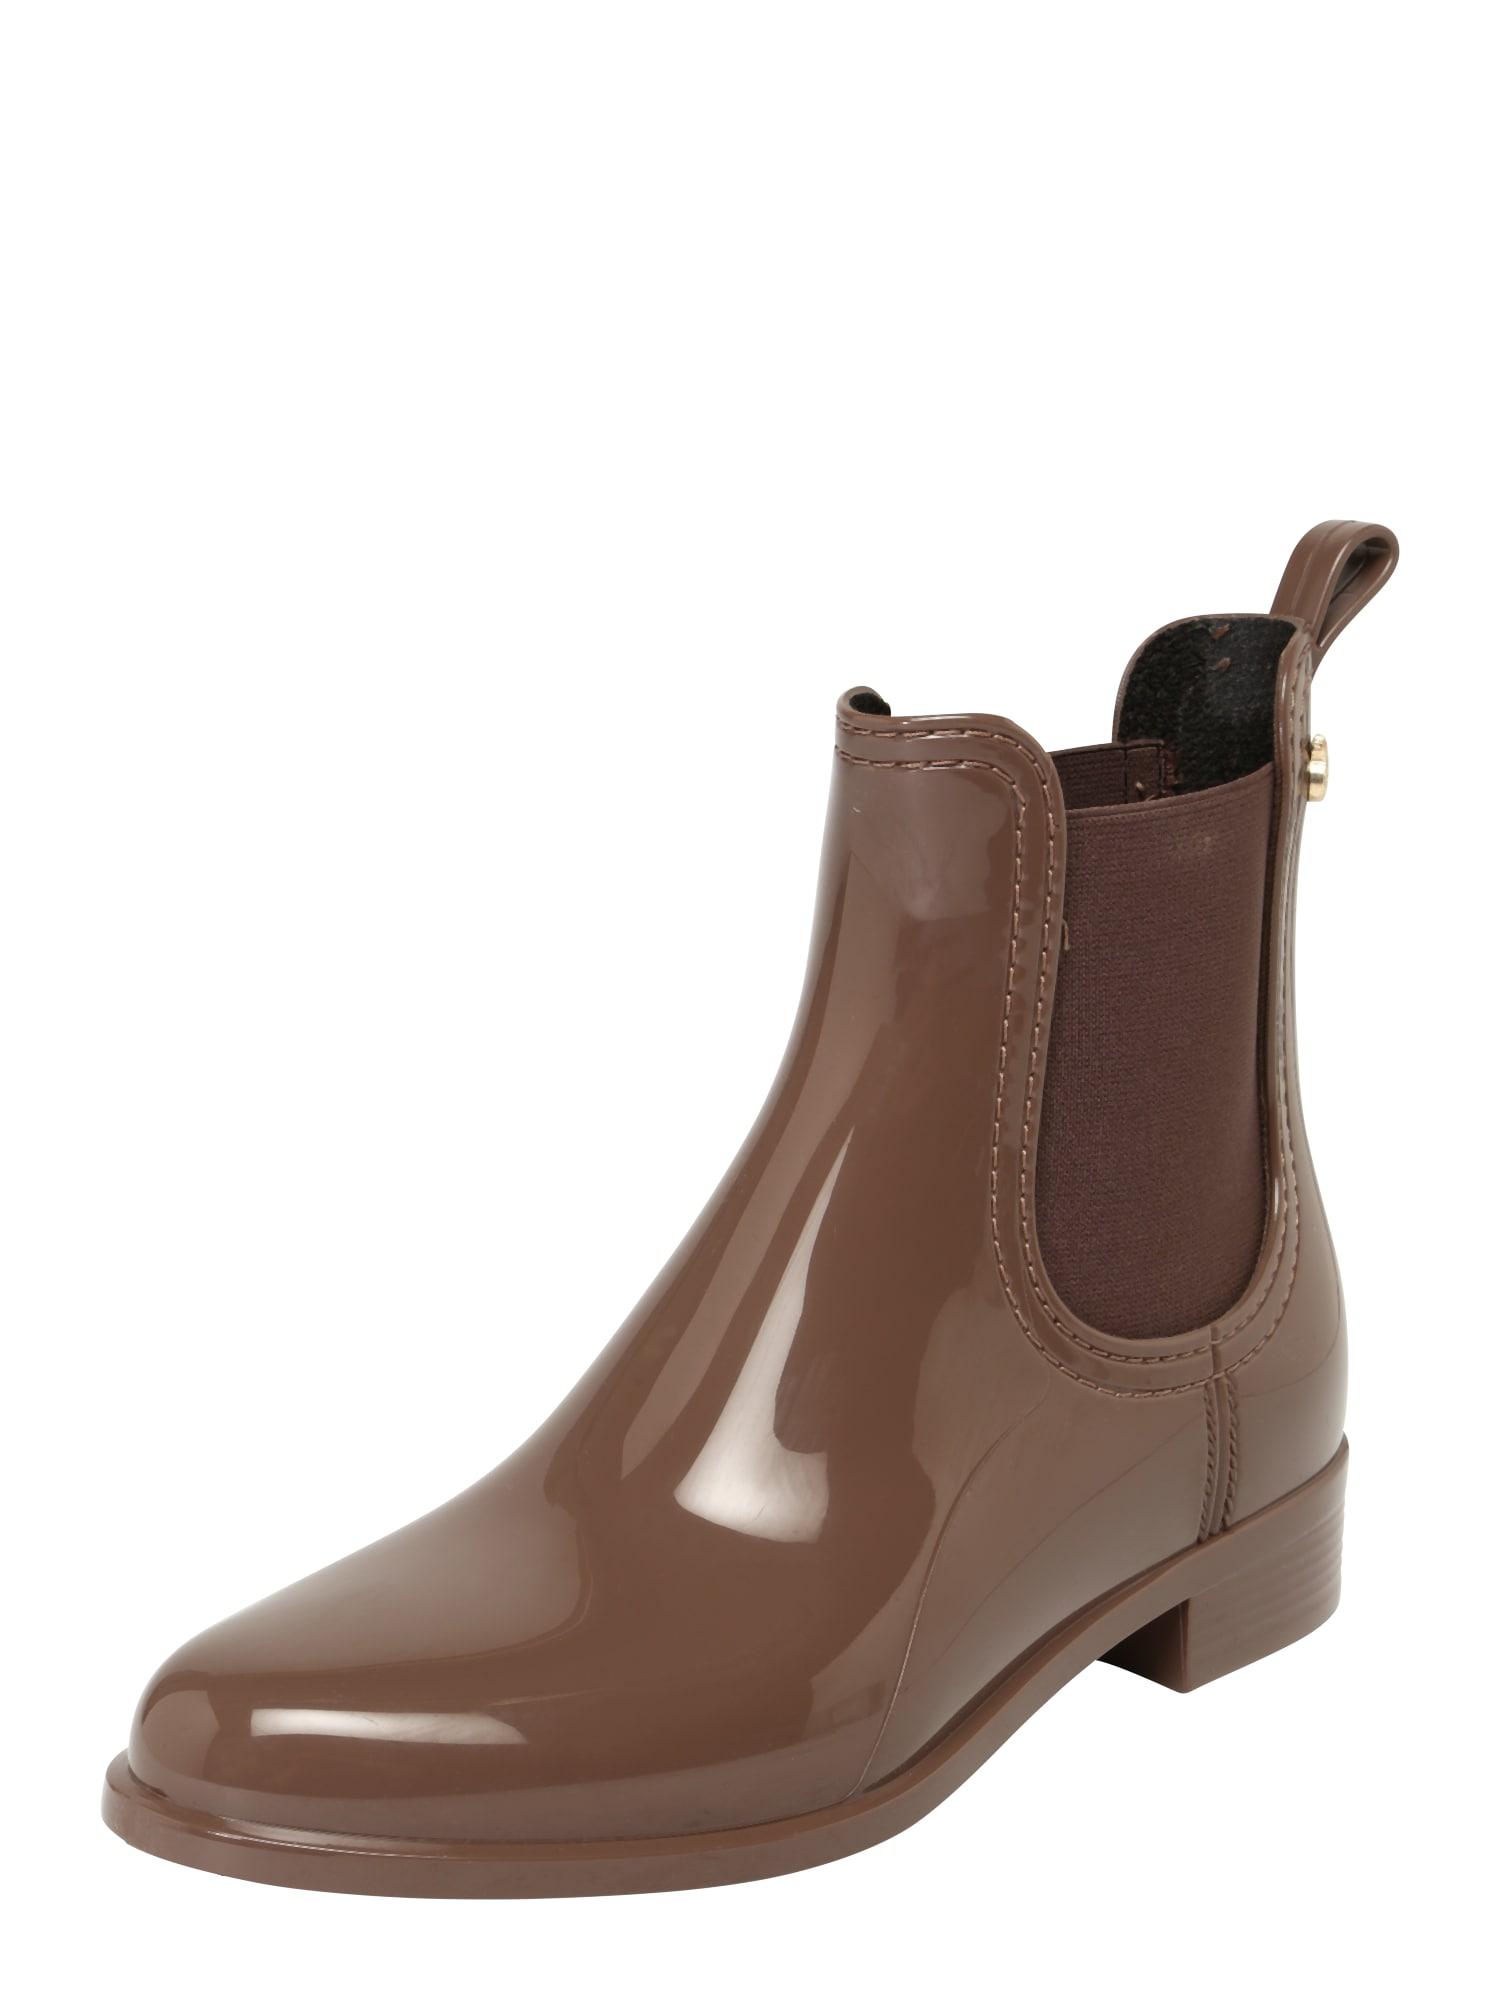 LEMON JELLY Guminiai batai 'Comfy' rausvai pilka